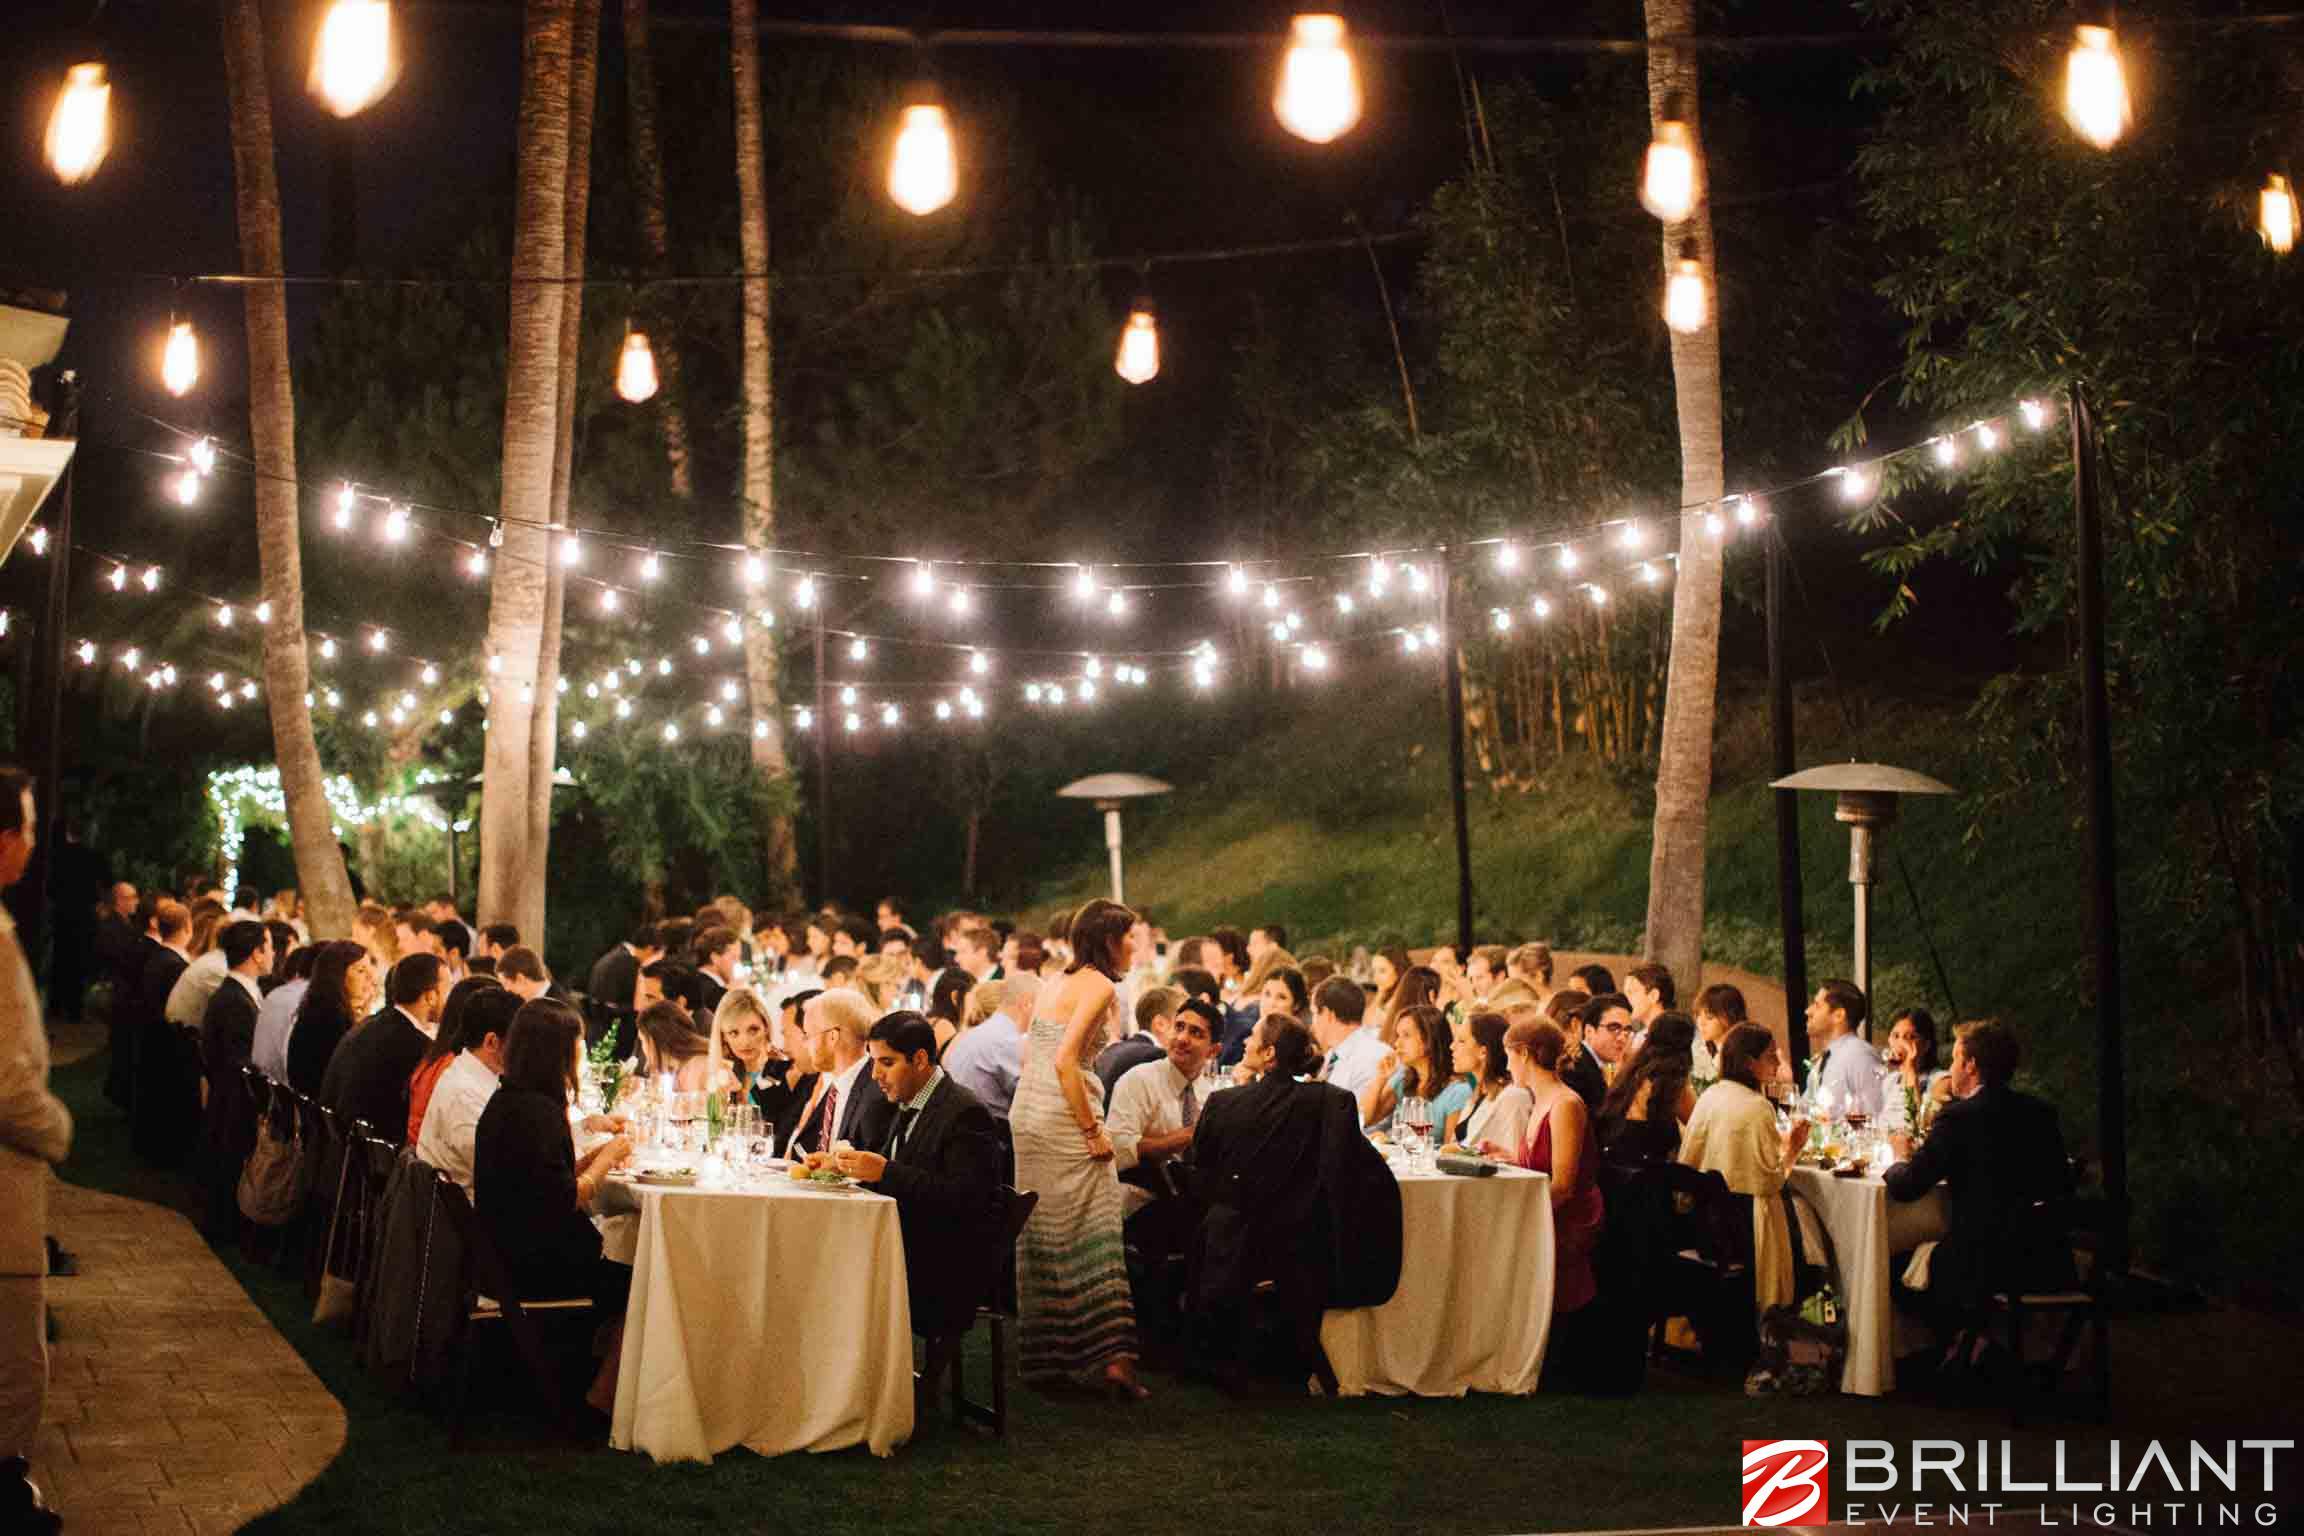 Italy Wedding Outdoor Reception Decorations, lighting. Villa Baroncino